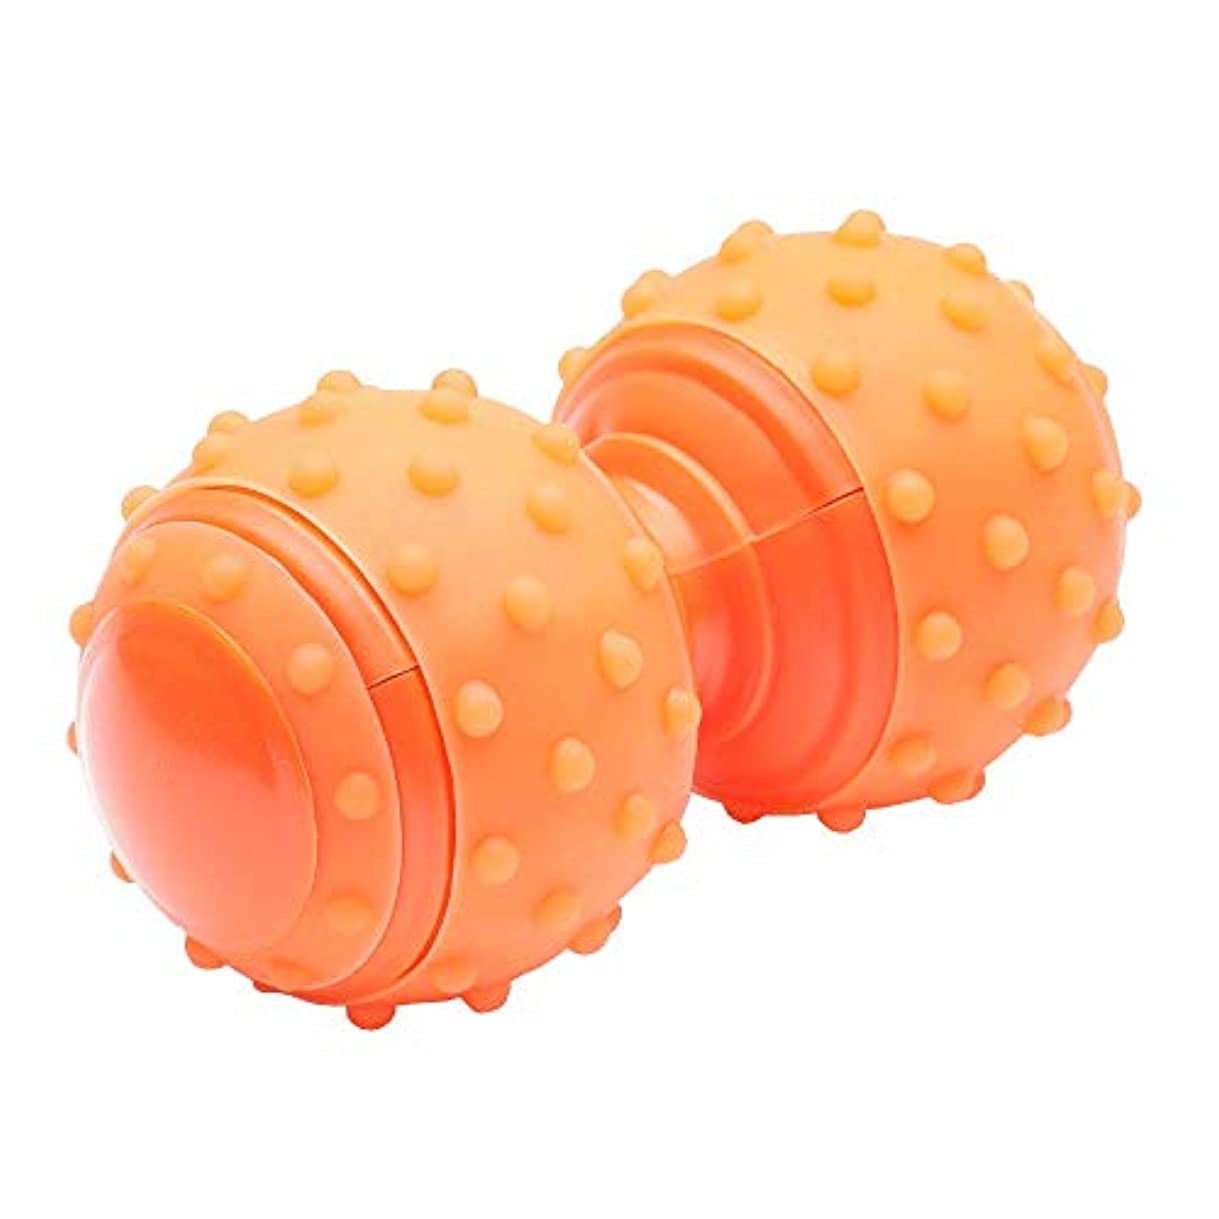 追い出す推測ダイバーMitasakaIs マッサージボール トリガーポイント 筋膜リリース 肩 肩甲骨 背中 ストレッチ ボール ツボ押し オレンジ